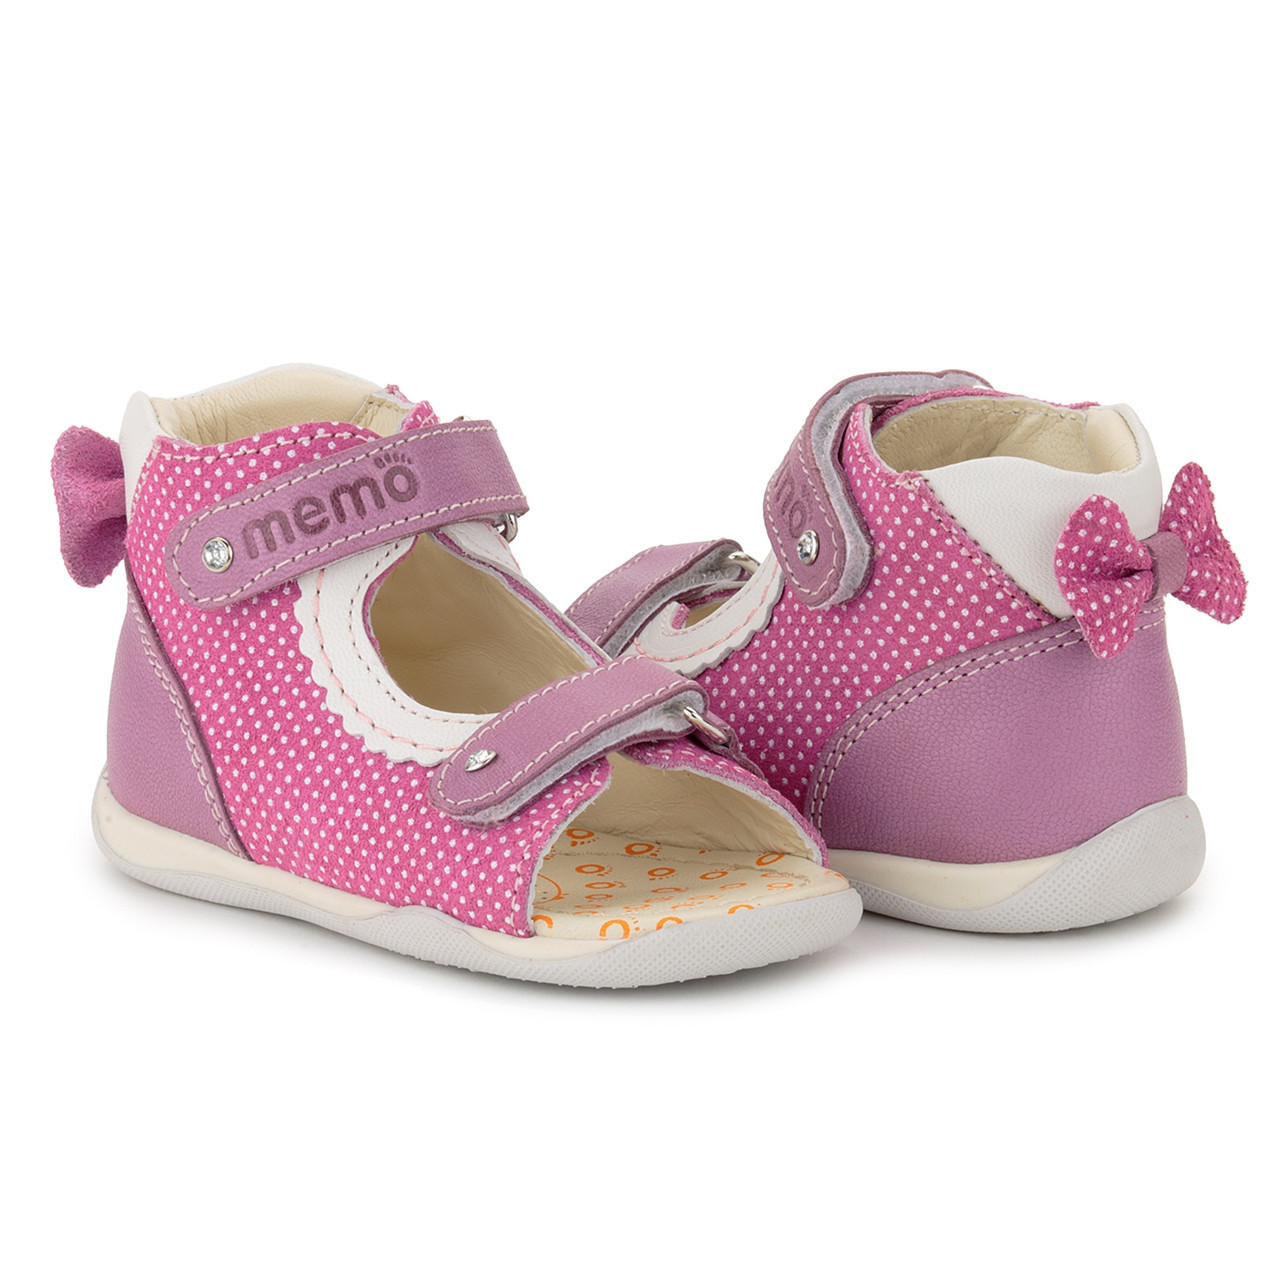 Ортопедические босоножки для девочек Memo Mini 1JE Розовые